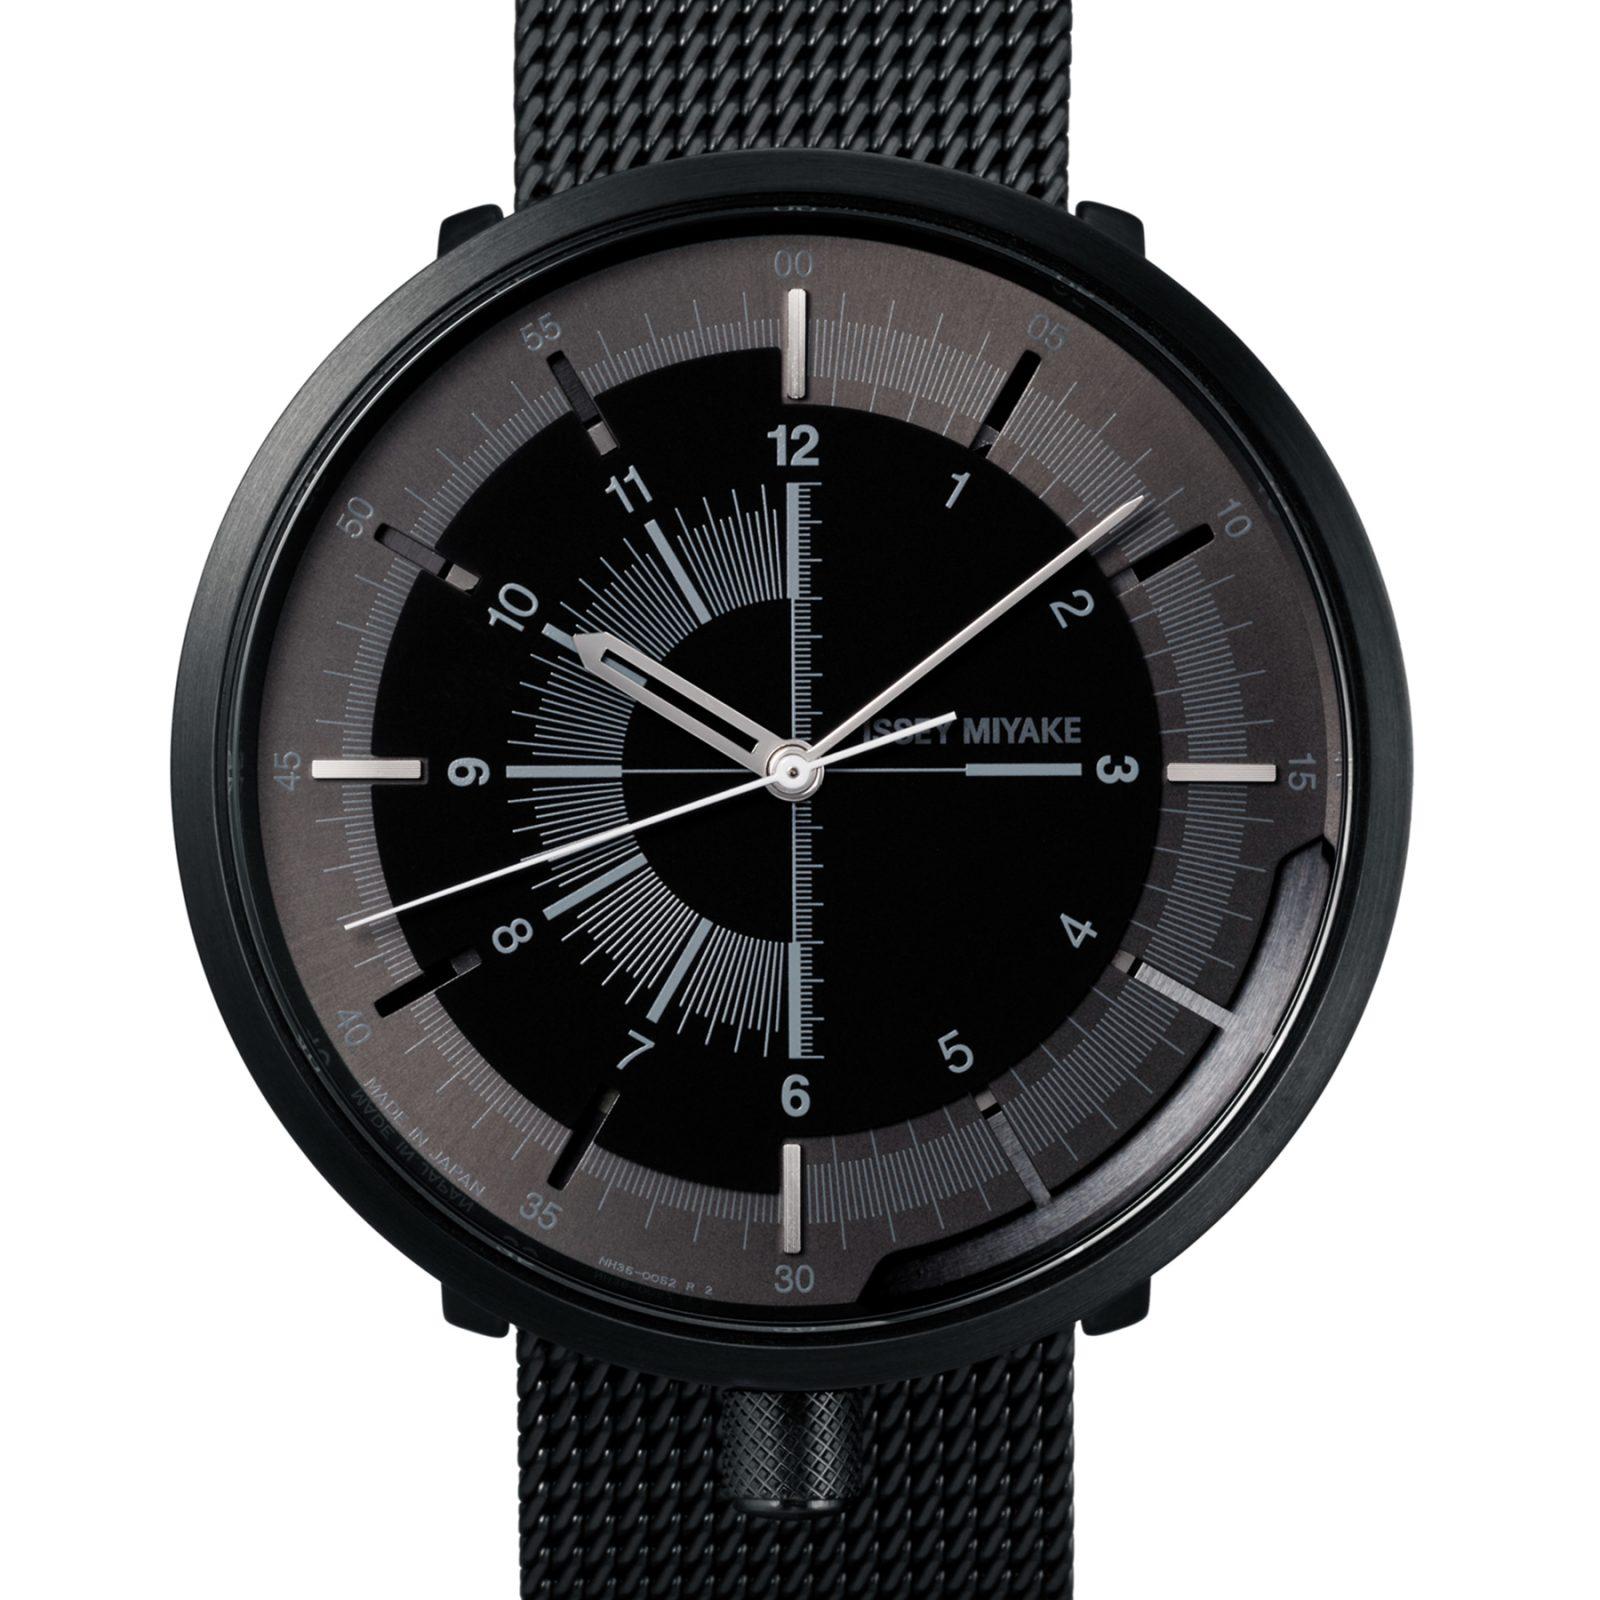 issey-miyake-1-6-mechanical-watch-nyak001-6